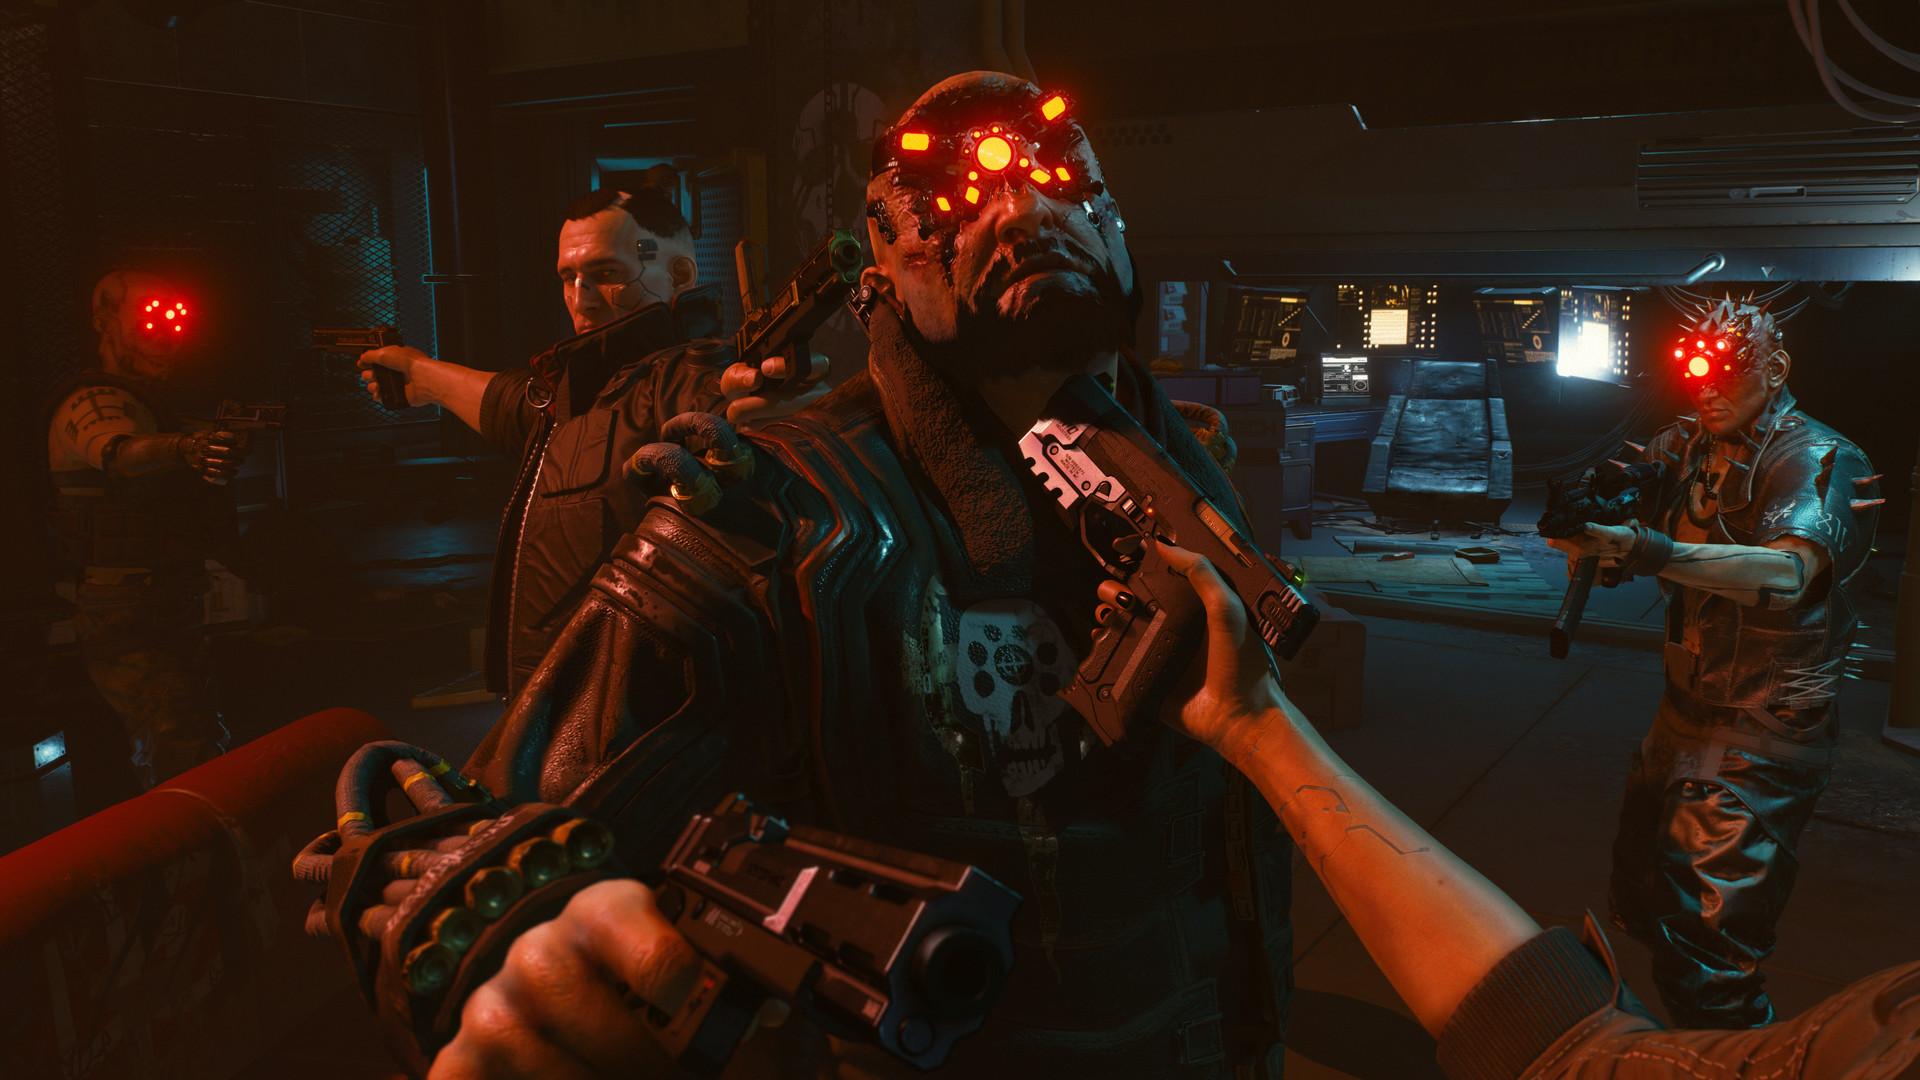 Скриншот 0 - Cyberpunk 2077 + ПАТЧИ (GLOBAL) [Автоактивация] ✔️